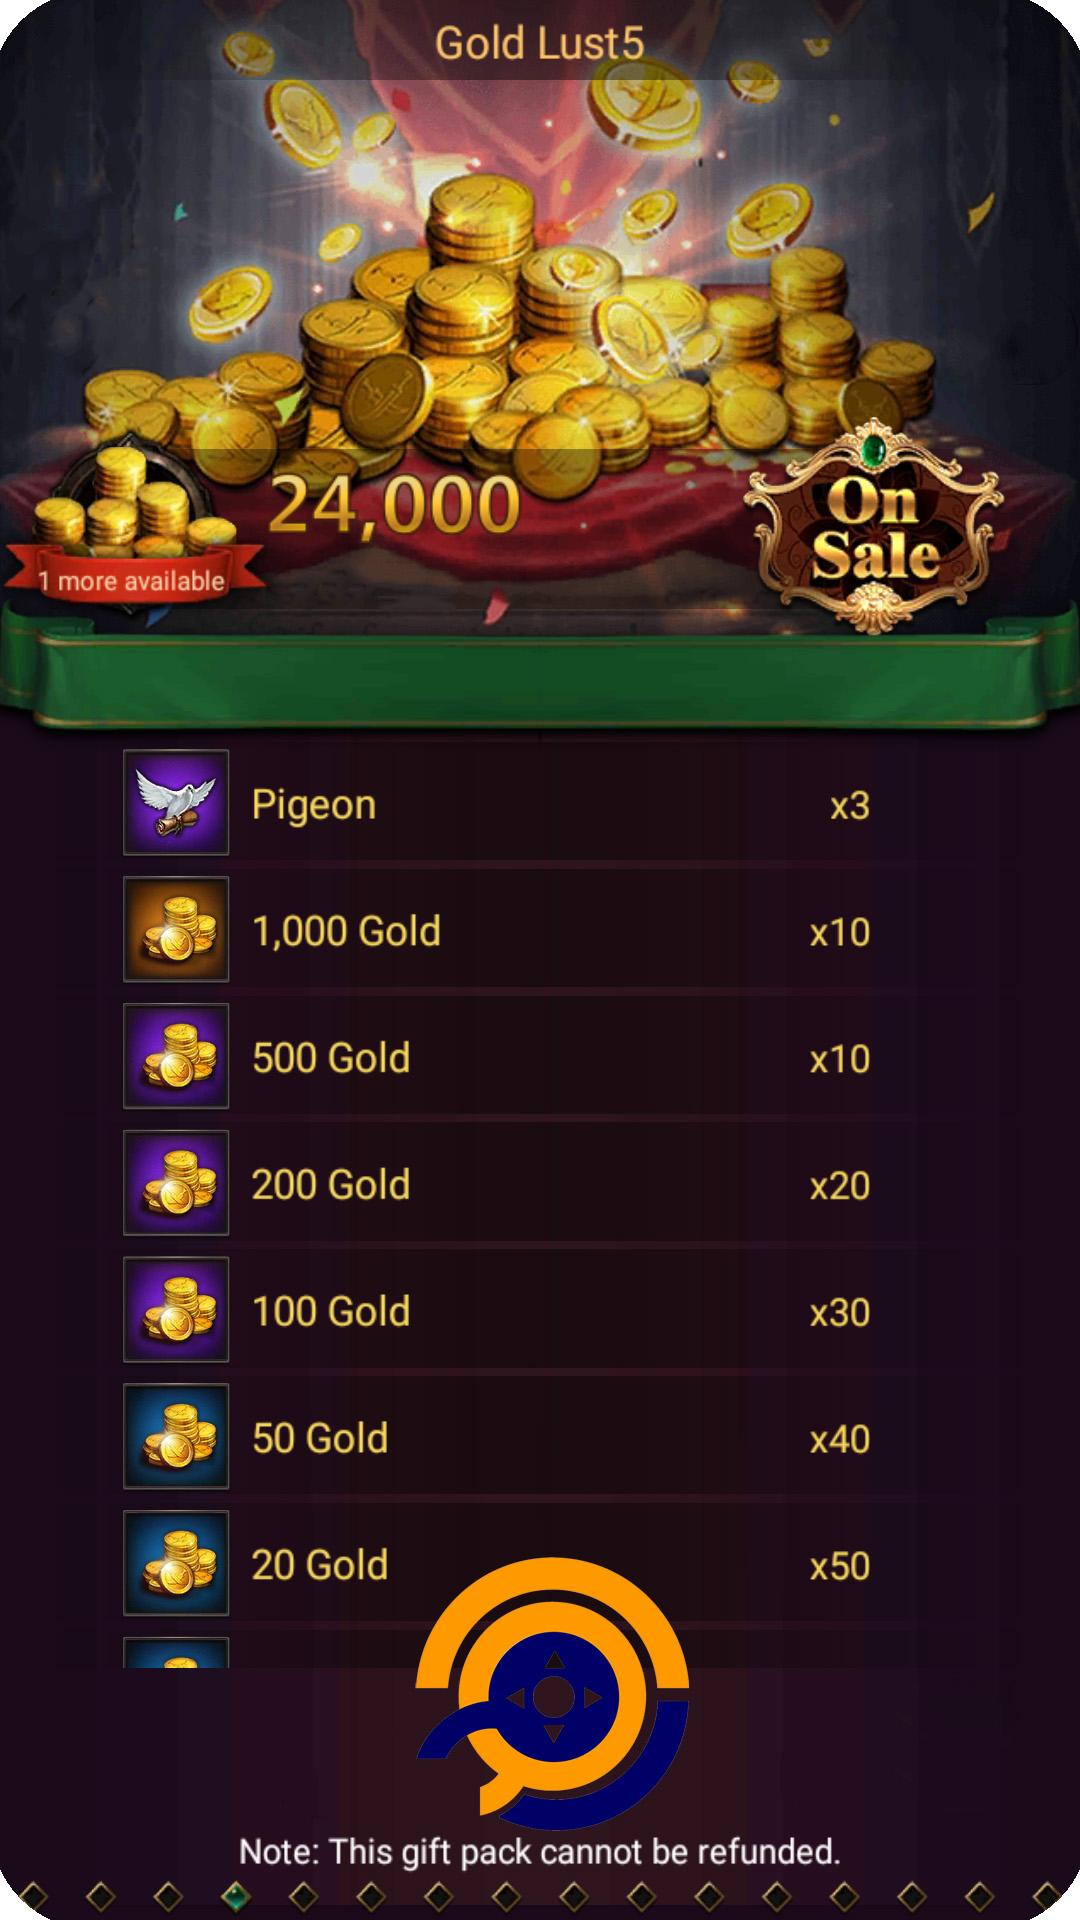 ریونج آف سلطانز | gold lost5